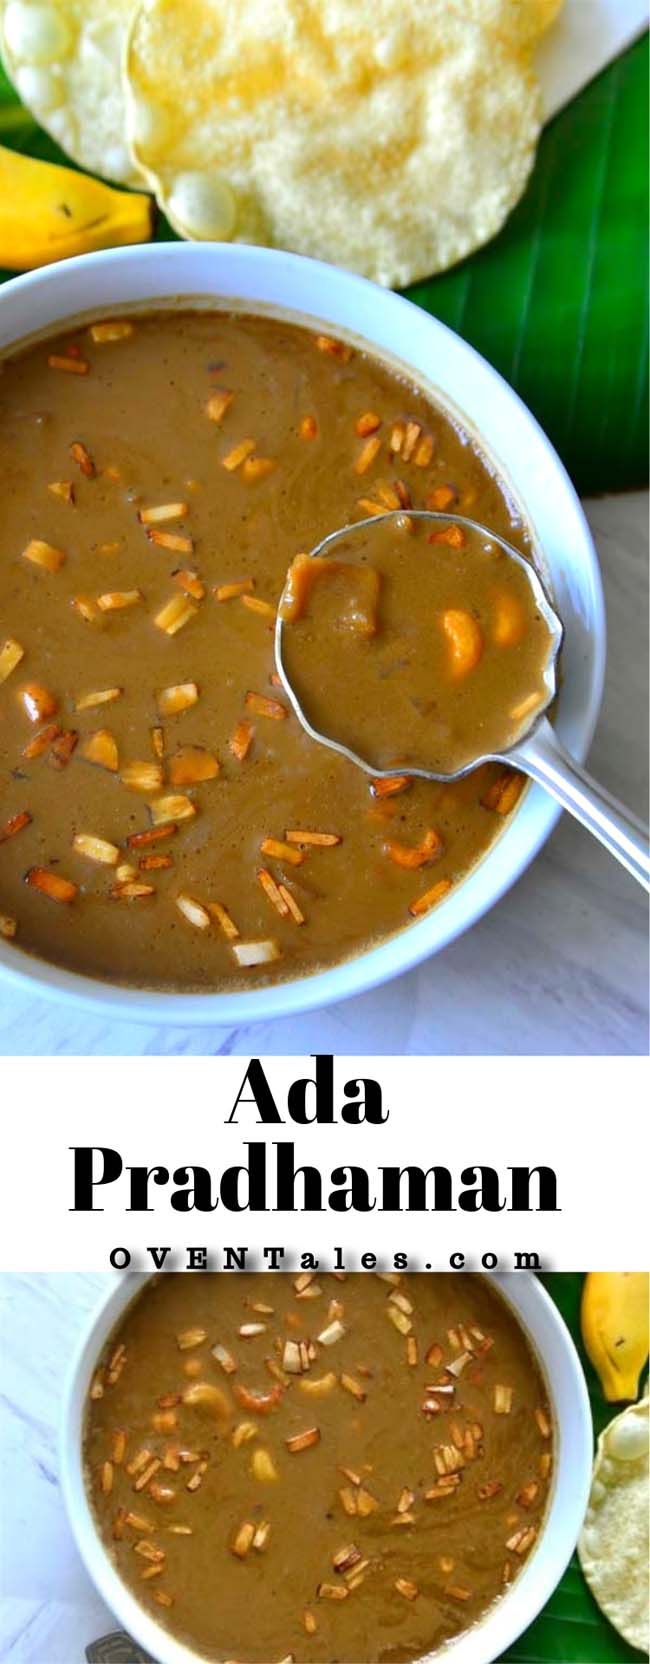 Ada Pradhaman - Dairy free and gluten free kheer from Kerala